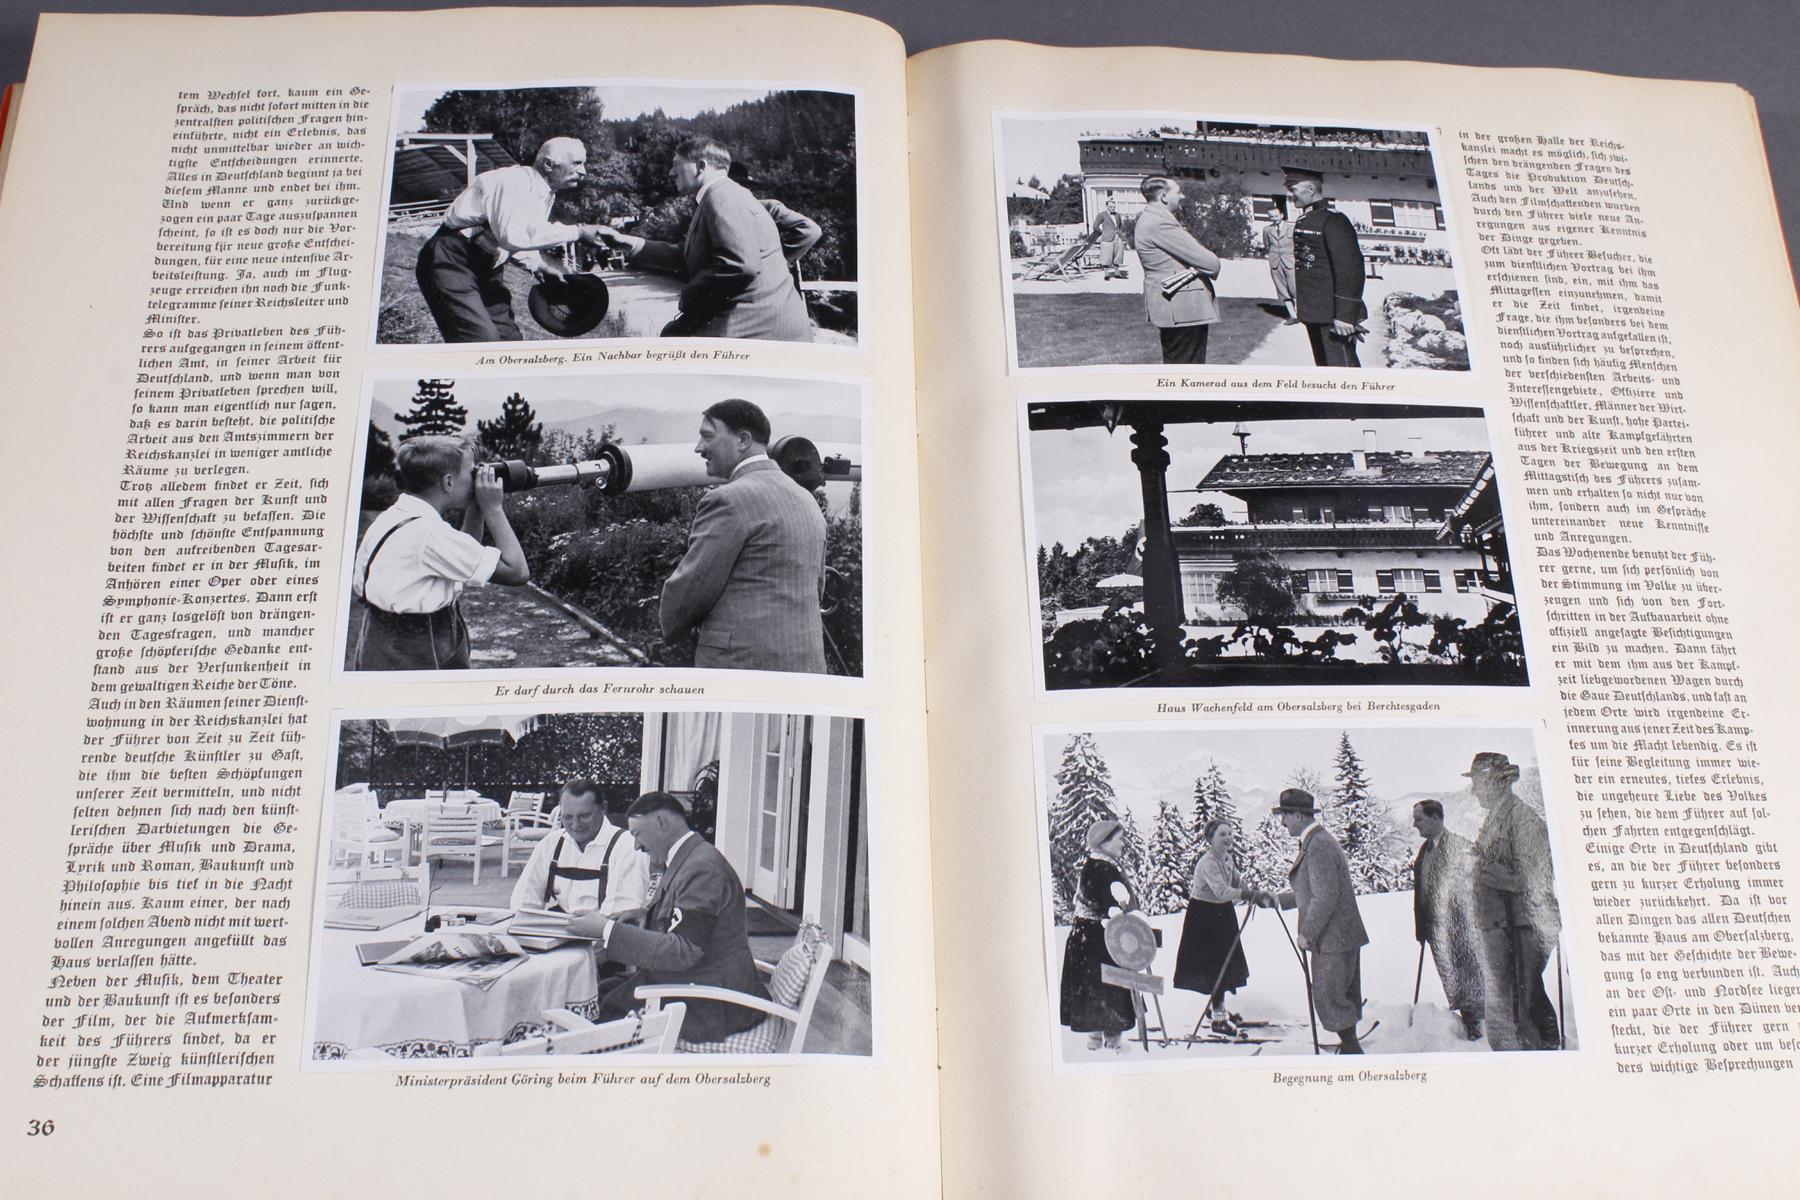 Sammelbilderalbum Adolf Hitler-3